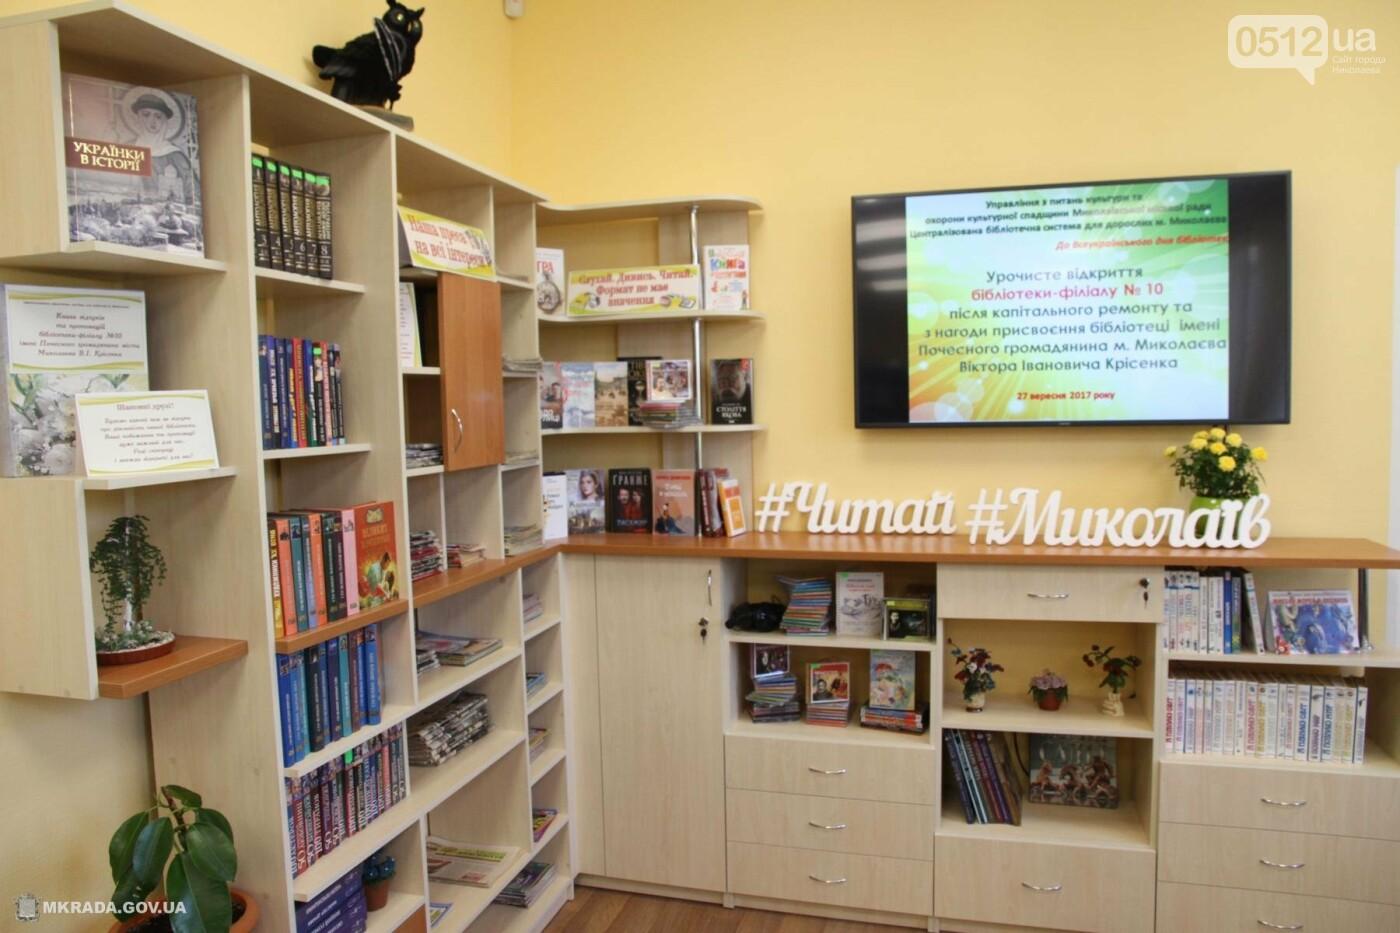 В Николаеве после капитального ремонта открылись 2 библиотеки, фото-3